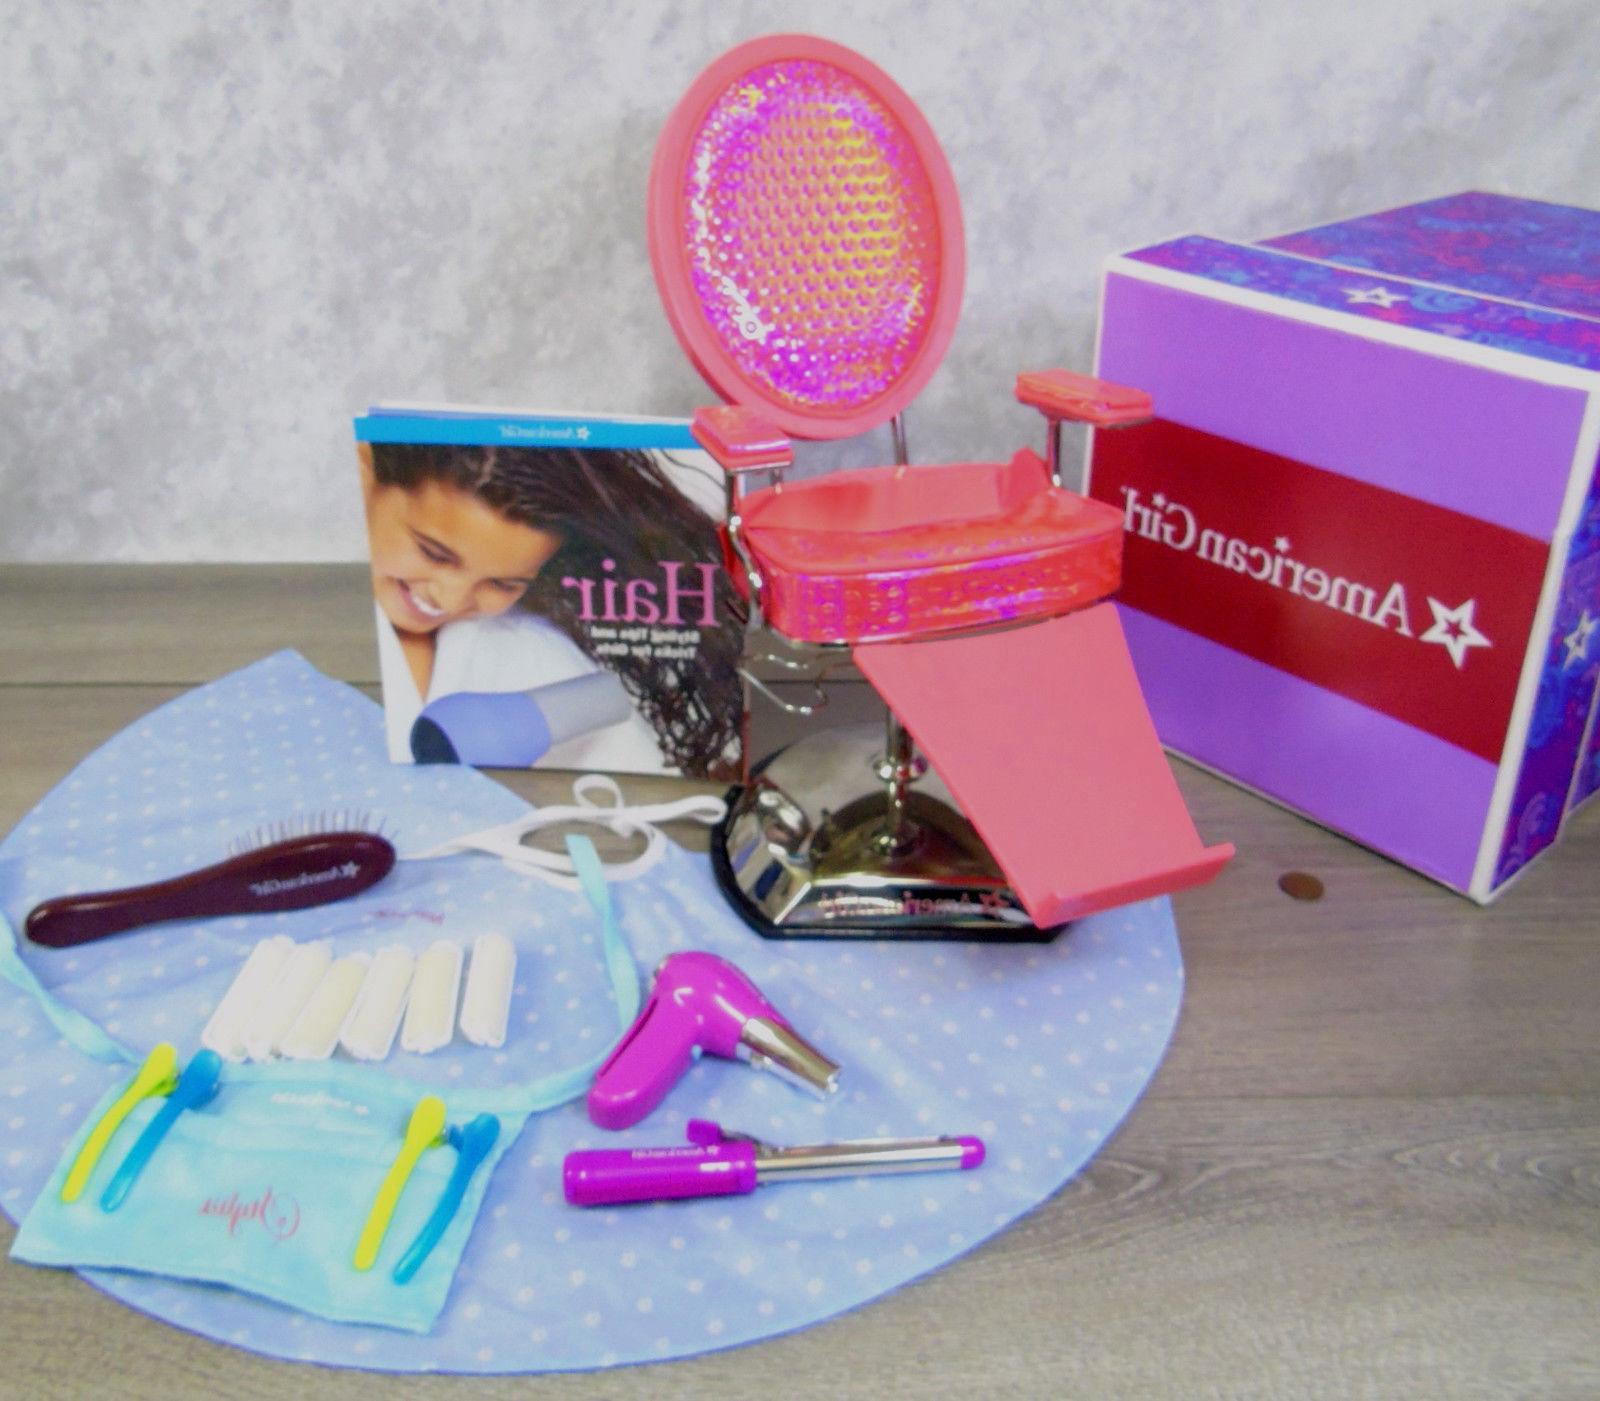 doll hair styling salon spa chair